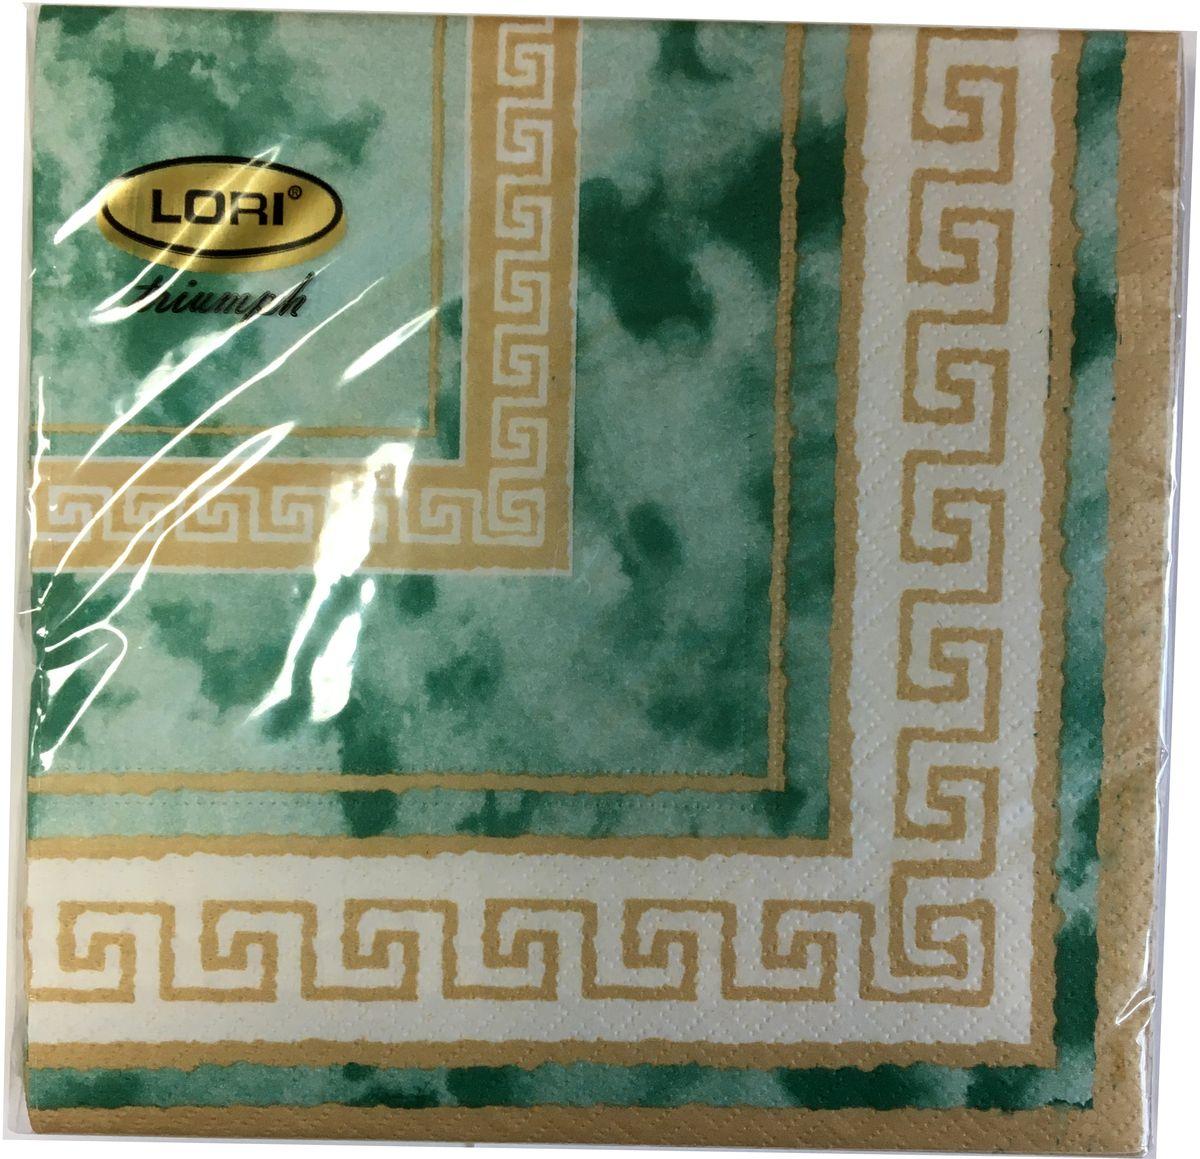 Салфетки бумажные Lori Triumph, трехслойные, цвет: зеленый, коричневый, 33 х 33 см, 20 шт. 5613456134Декоративные трехслойные салфетки Lori Triumph выполнены из 100% целлюлозы и оформлены ярким рисунком. Изделия станут отличным дополнением любого праздничного стола. Они отличаются необычной мягкостью, прочностью и оригинальностью.Размер салфеток в развернутом виде: 33 х 33 см.